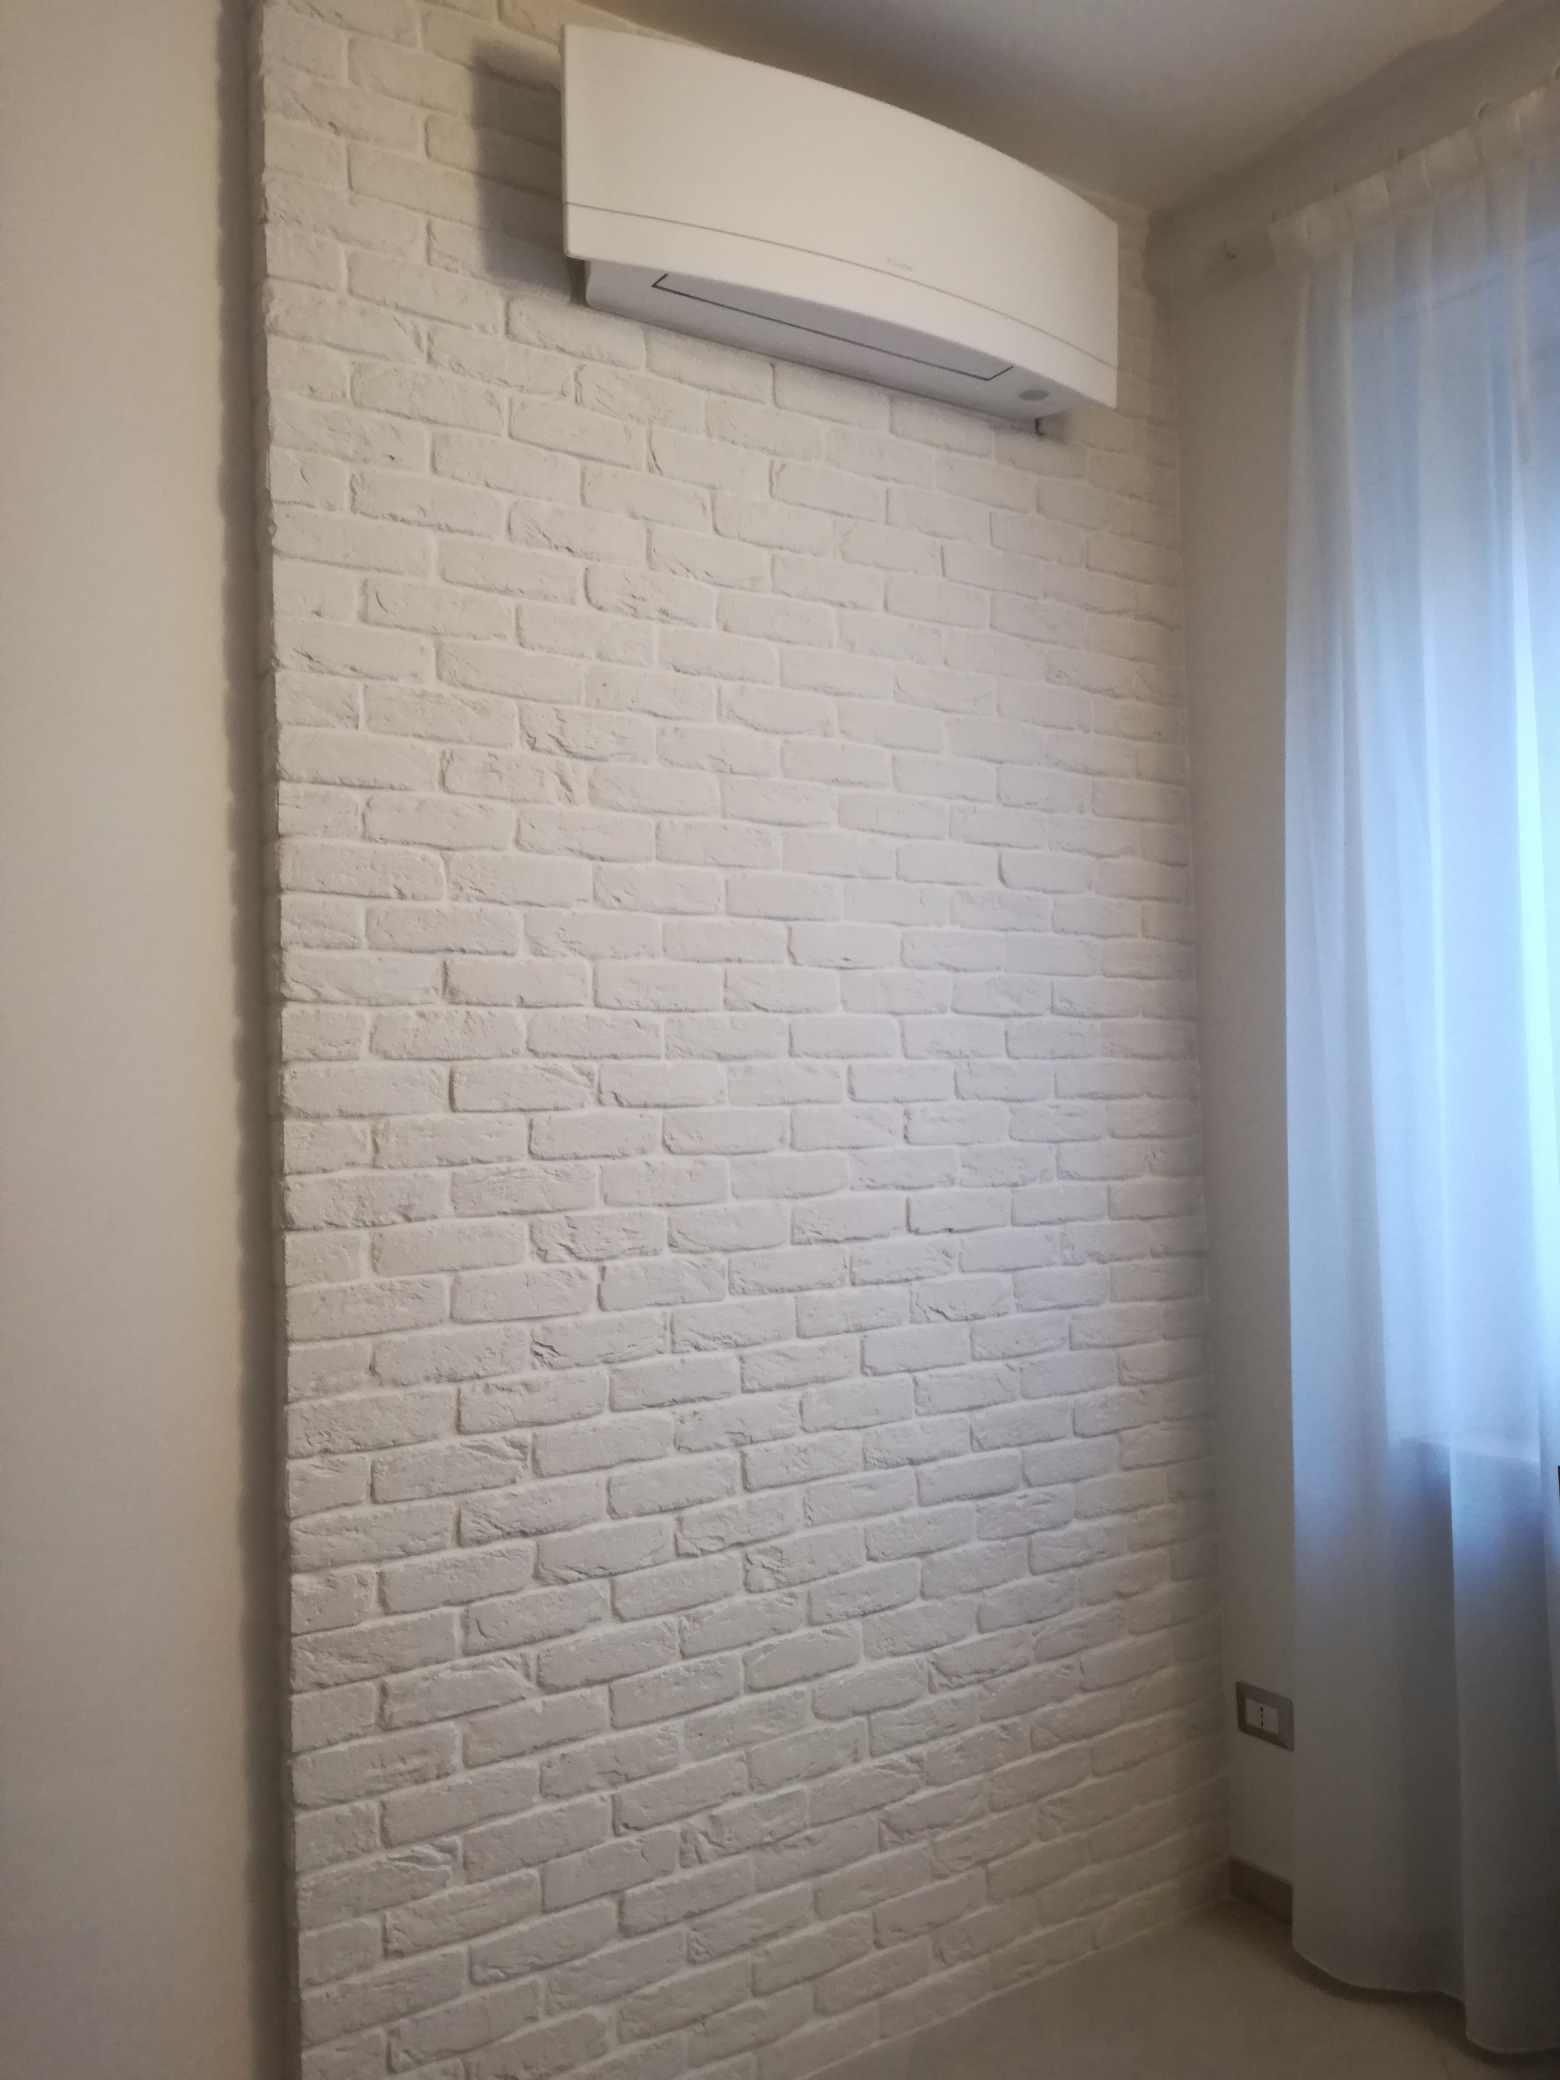 Mattone bianco mania white_brick_addiction  rinnovare